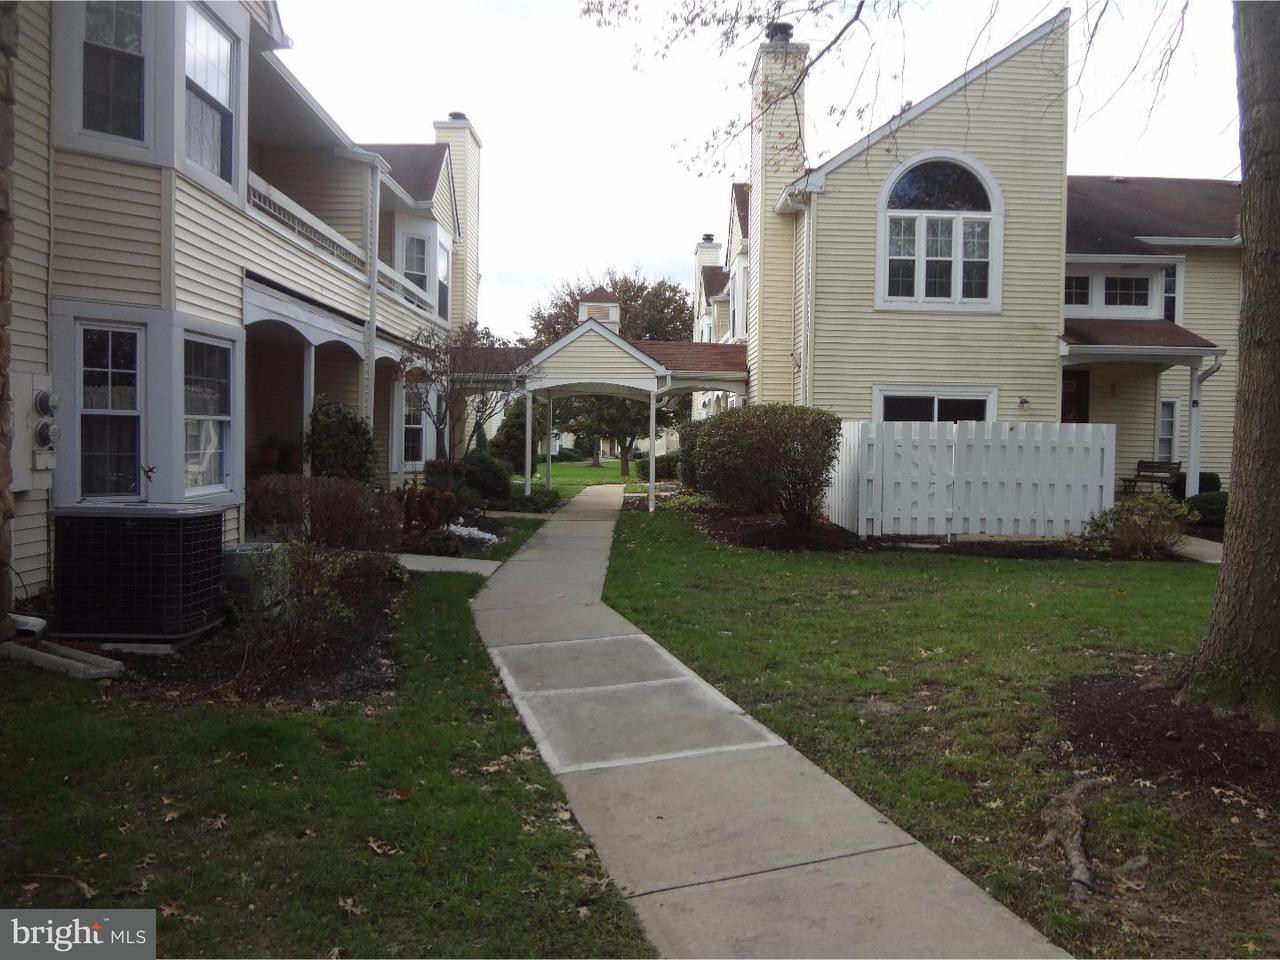 联栋屋 为 出租 在 116 MILL RUN E Hightstown, 新泽西州 08520 美国在/周边: Hightstown Borough